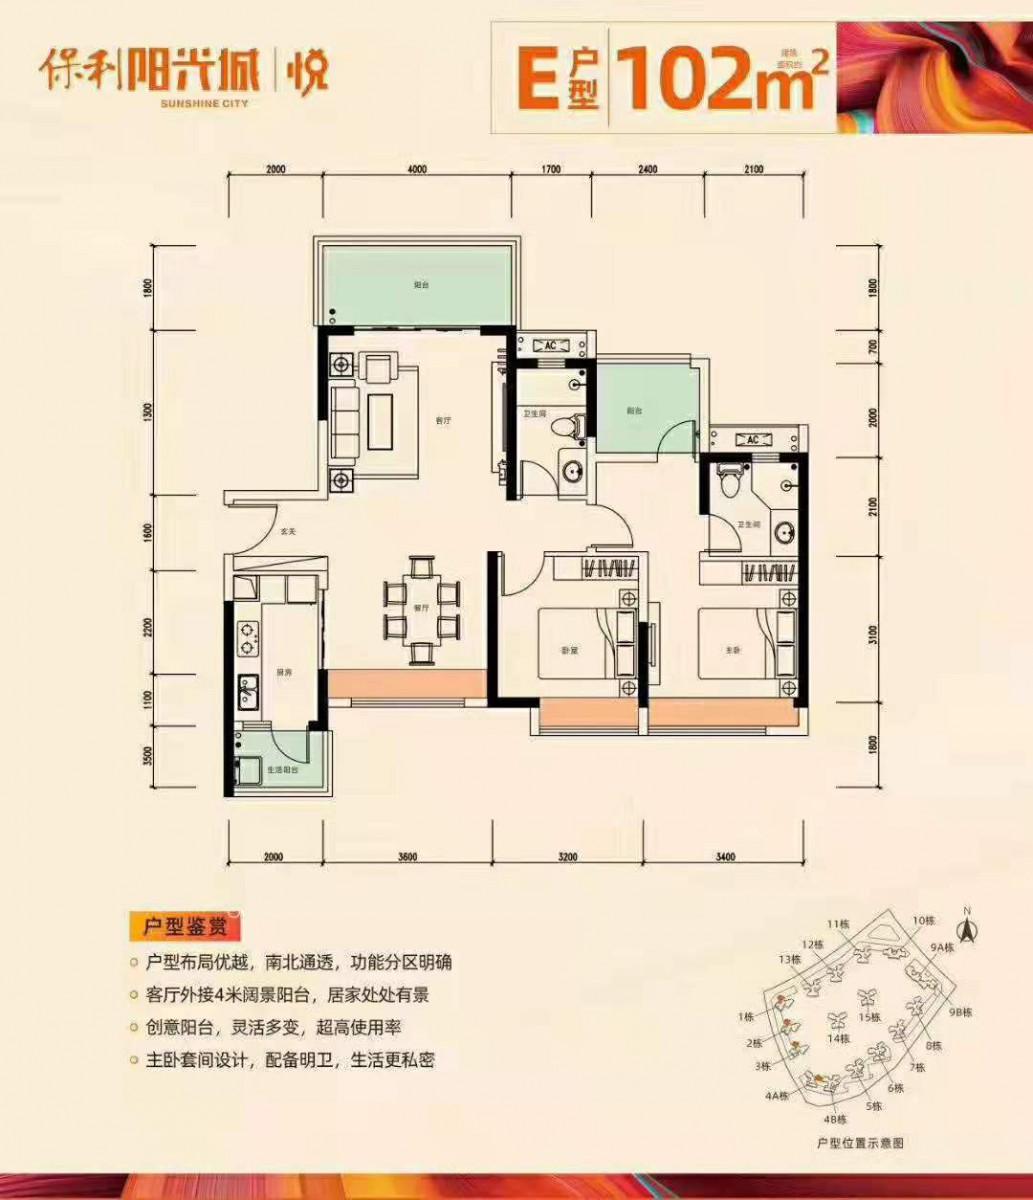 惠阳淡水临深 14号地铁沿线保利阳光城四期小户型图不错,新推带公立学校。